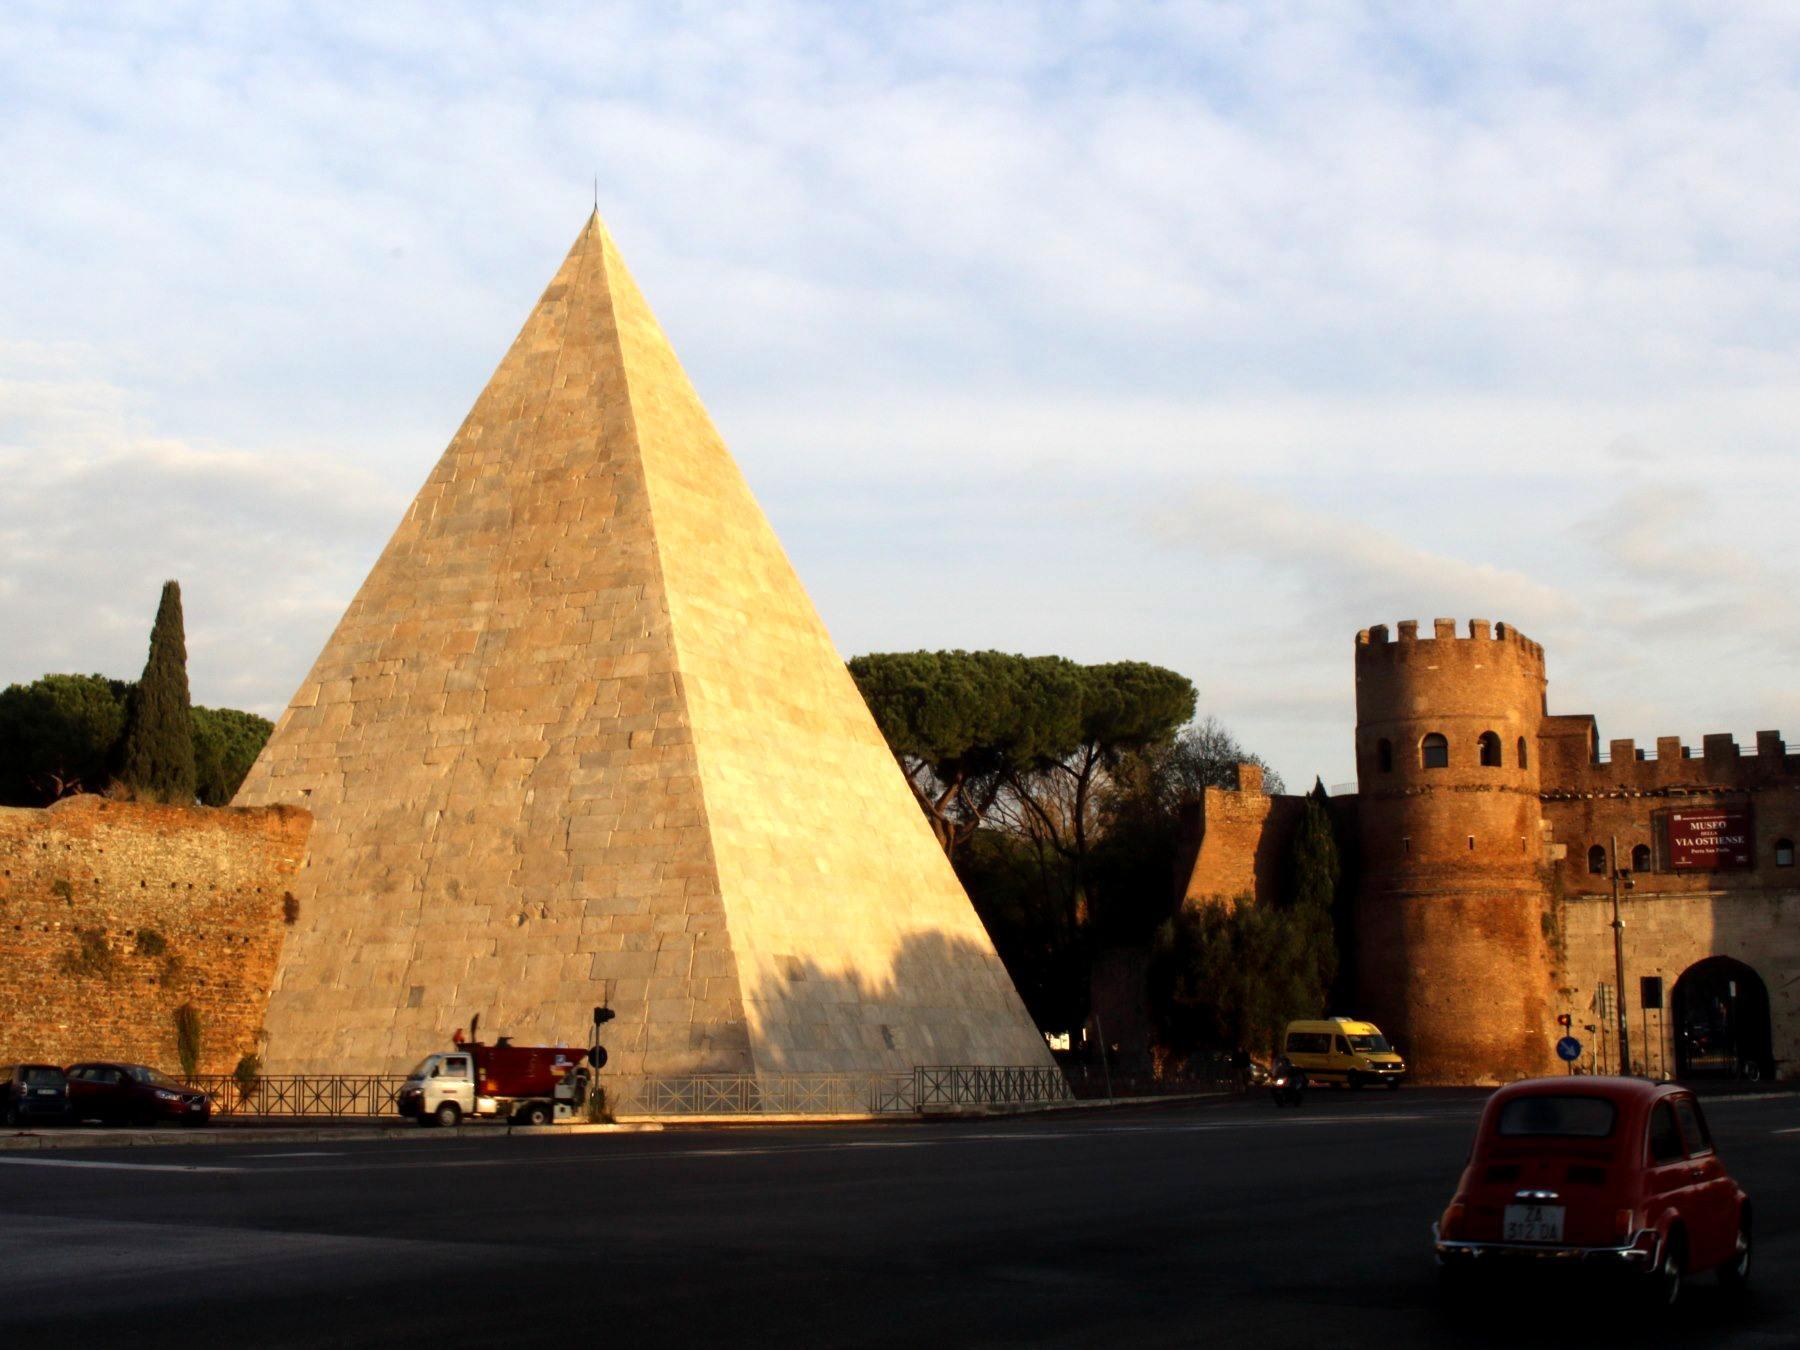 ローマのピラミッド(ピラミデ)